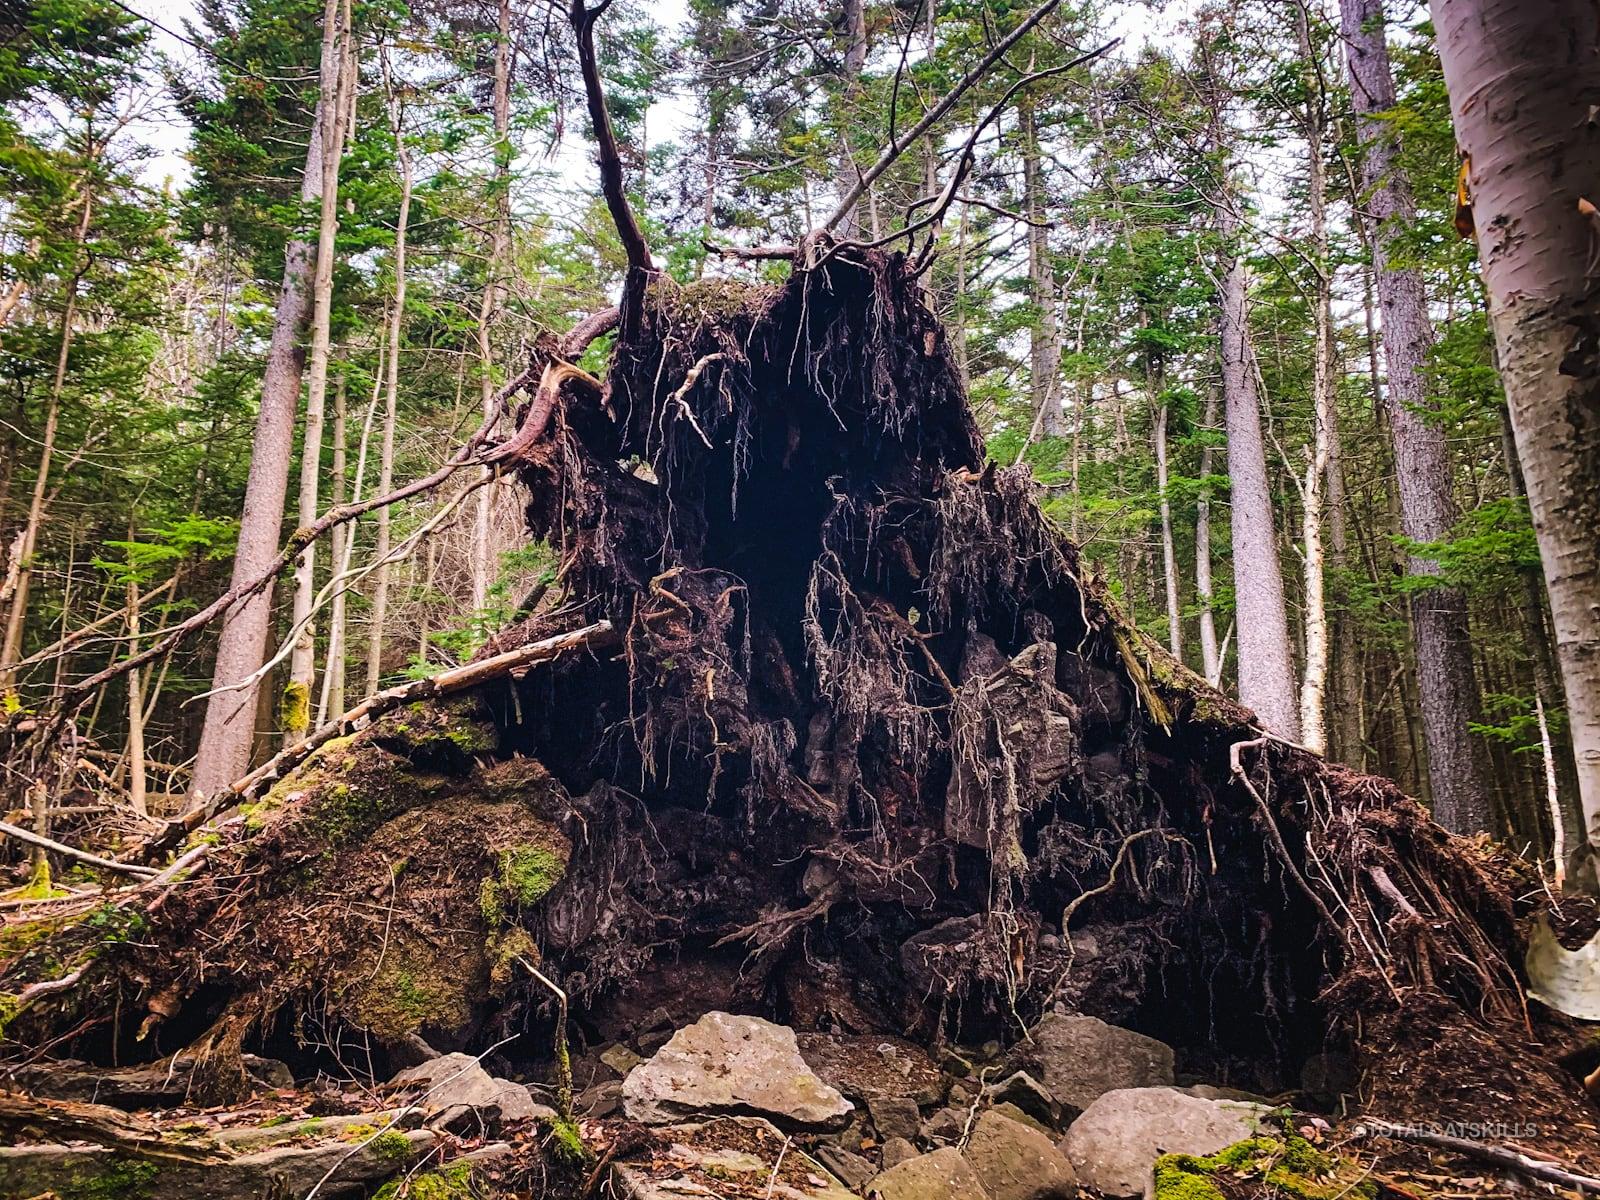 underside of blowdown tree